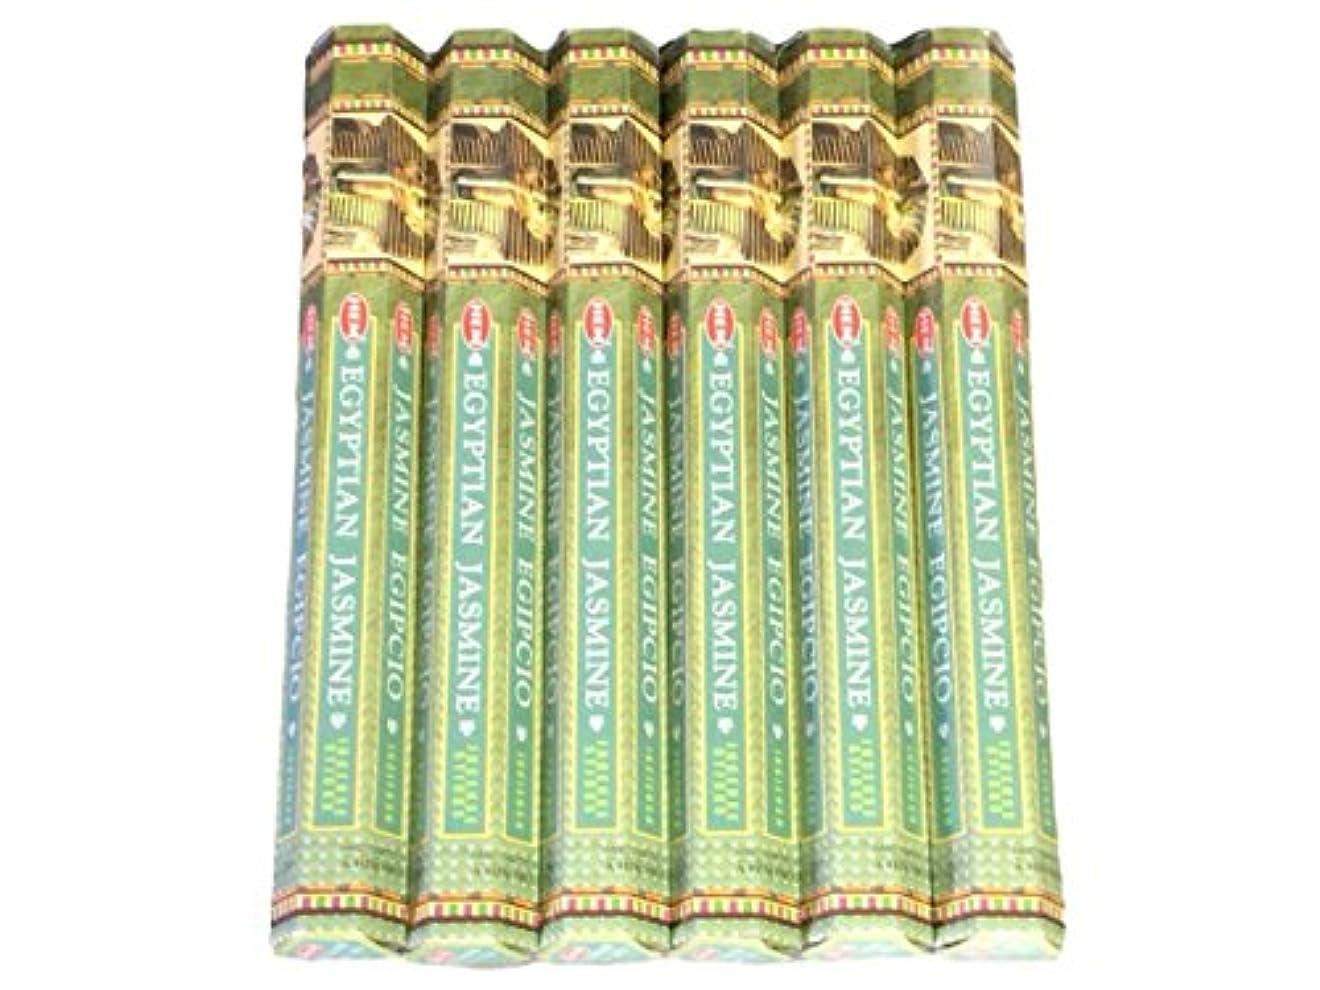 責任者補充慣性HEM ヘム エジプシャンジャスミン EGYPTIAN JASMINE ステック お香 6箱 …